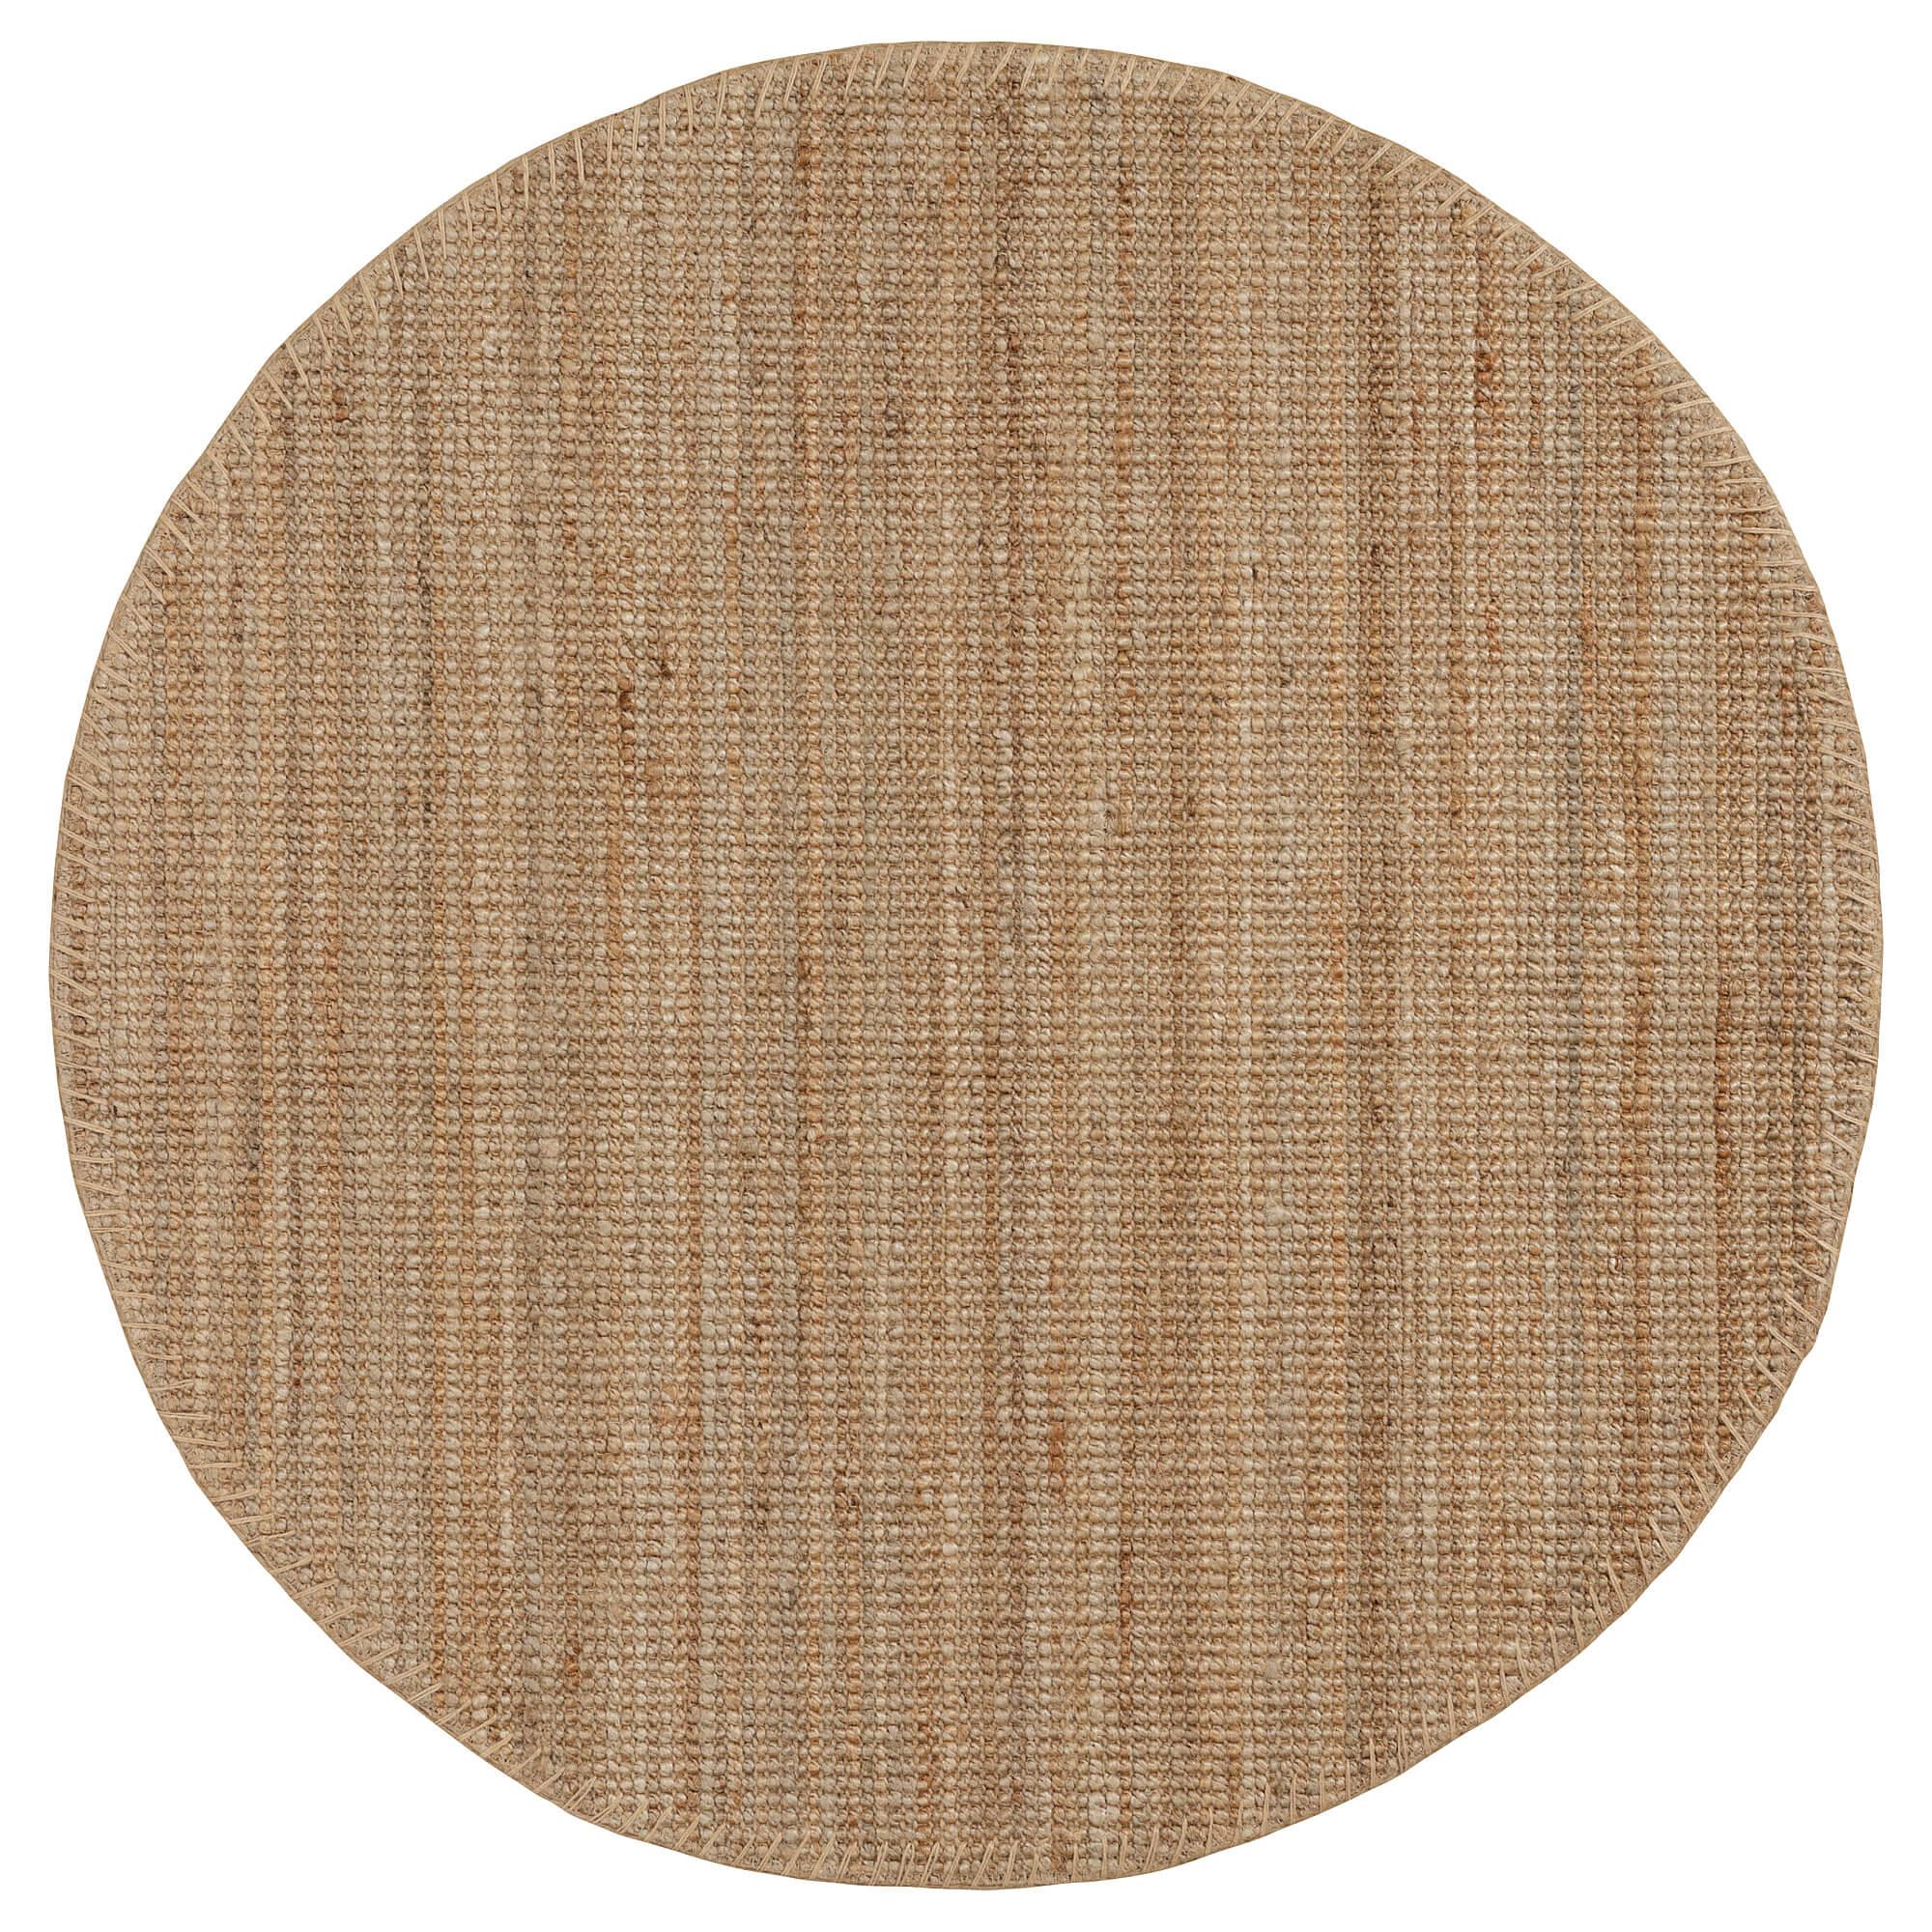 שטיח באריגה שטוחה איקאה LOHALS